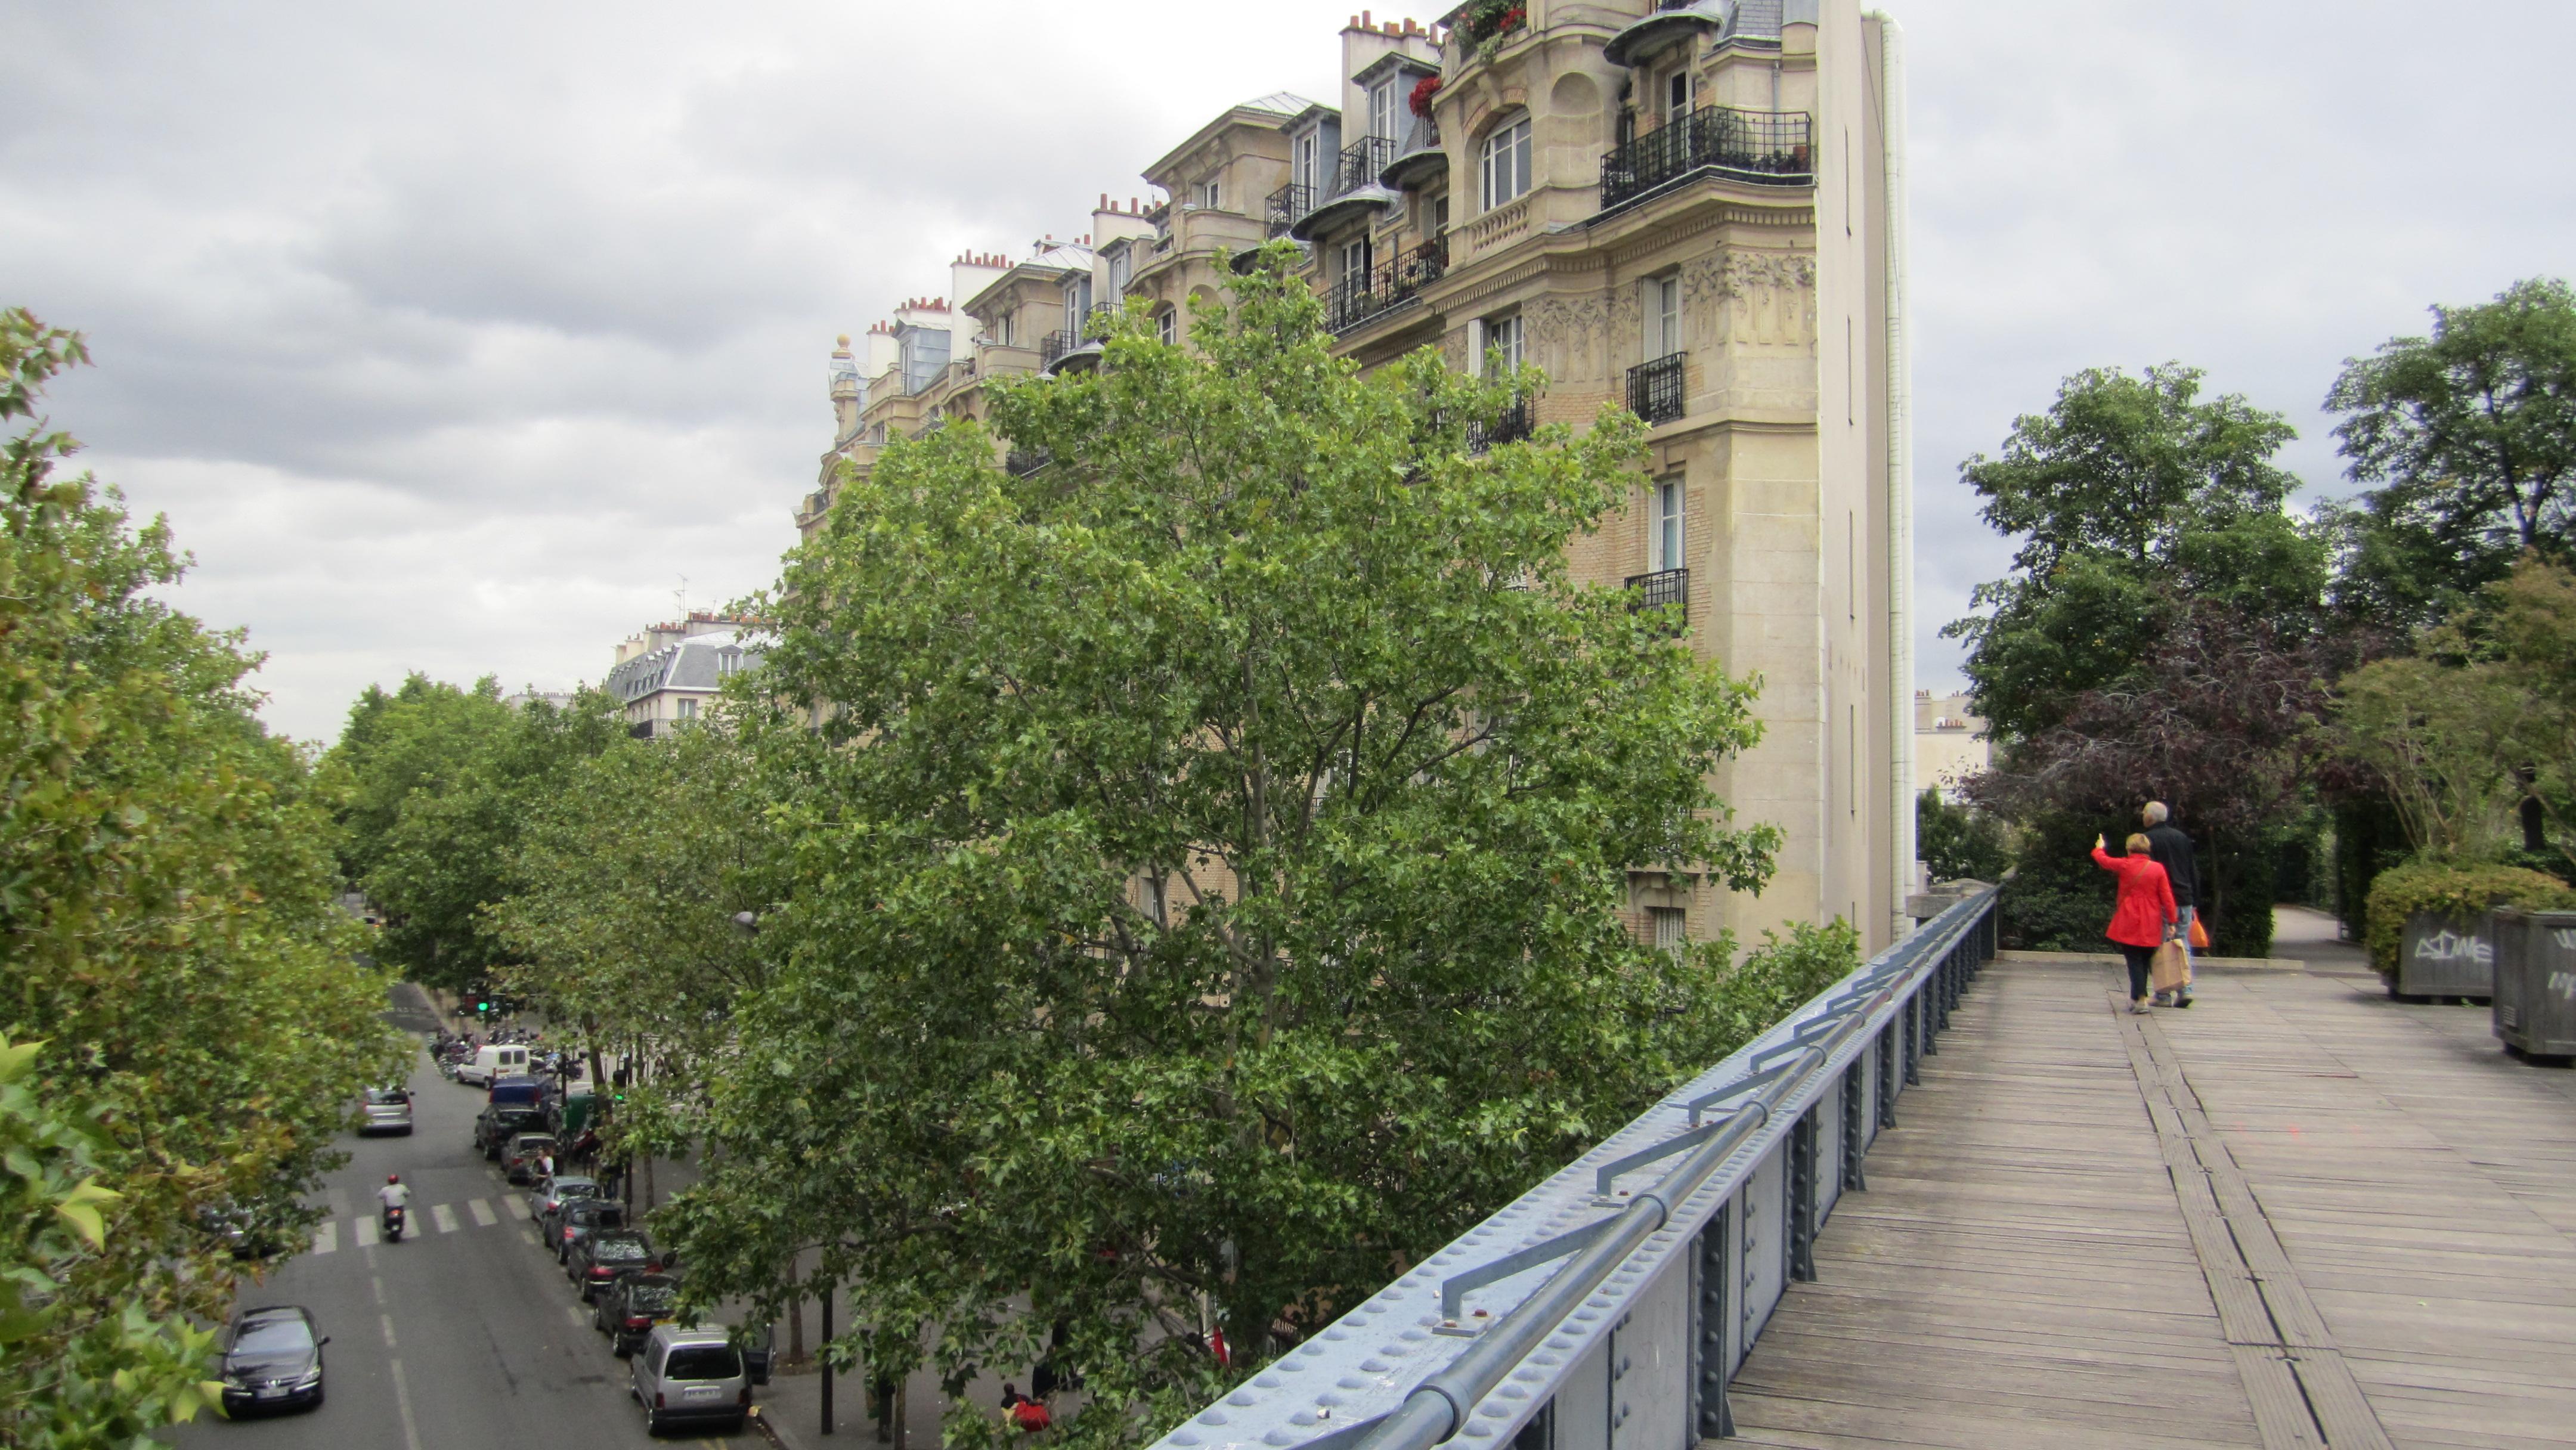 Promenade Plantée in Parijs was inspiratie voor High Line New York